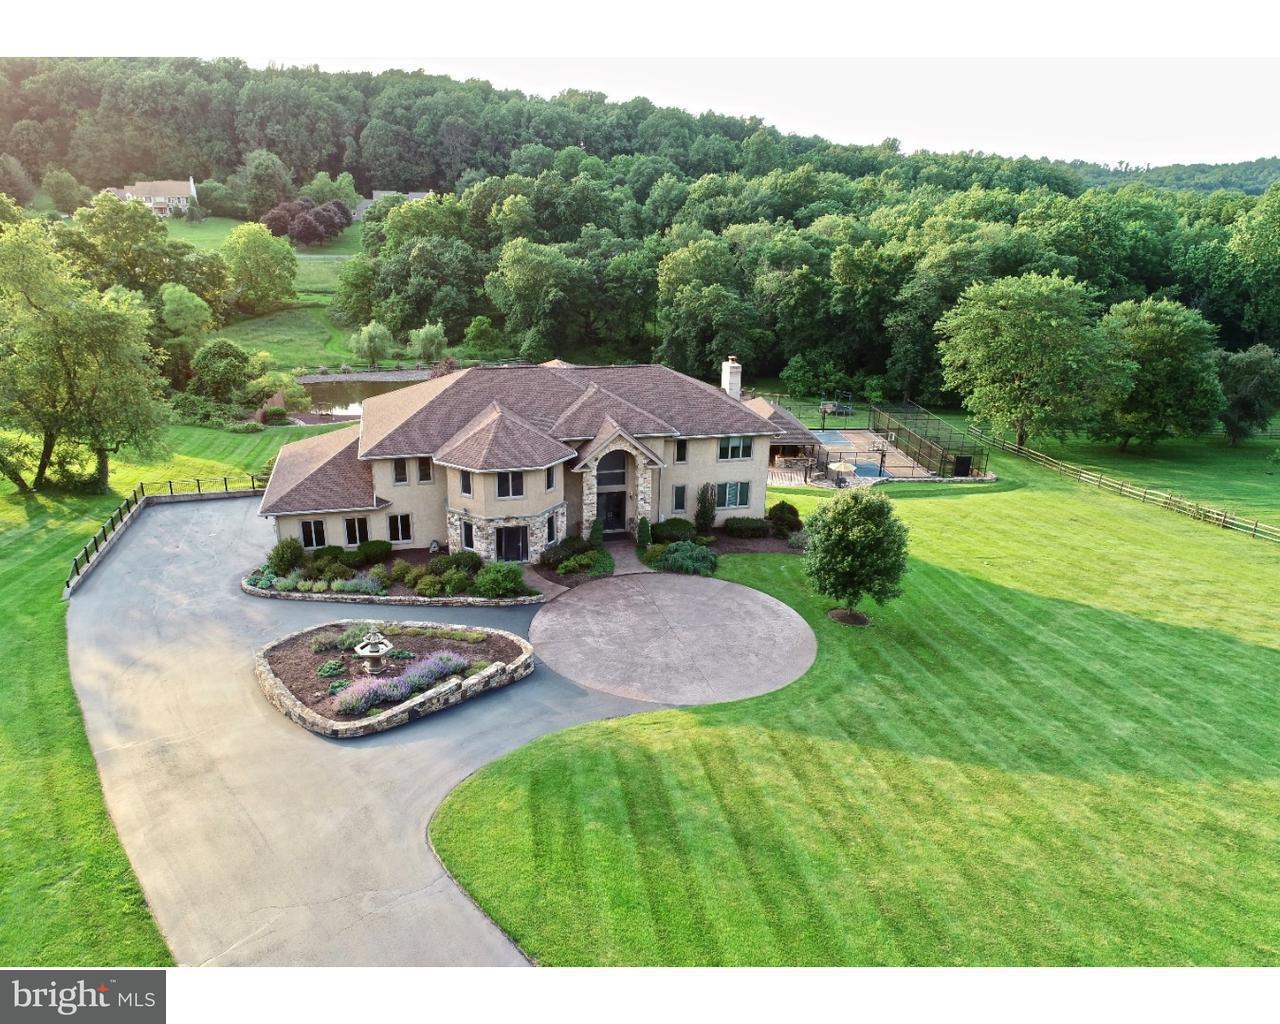 Частный односемейный дом для того Продажа на 2439 MALEHORN Road Chester Springs, Пенсильвания 19425 Соединенные Штаты